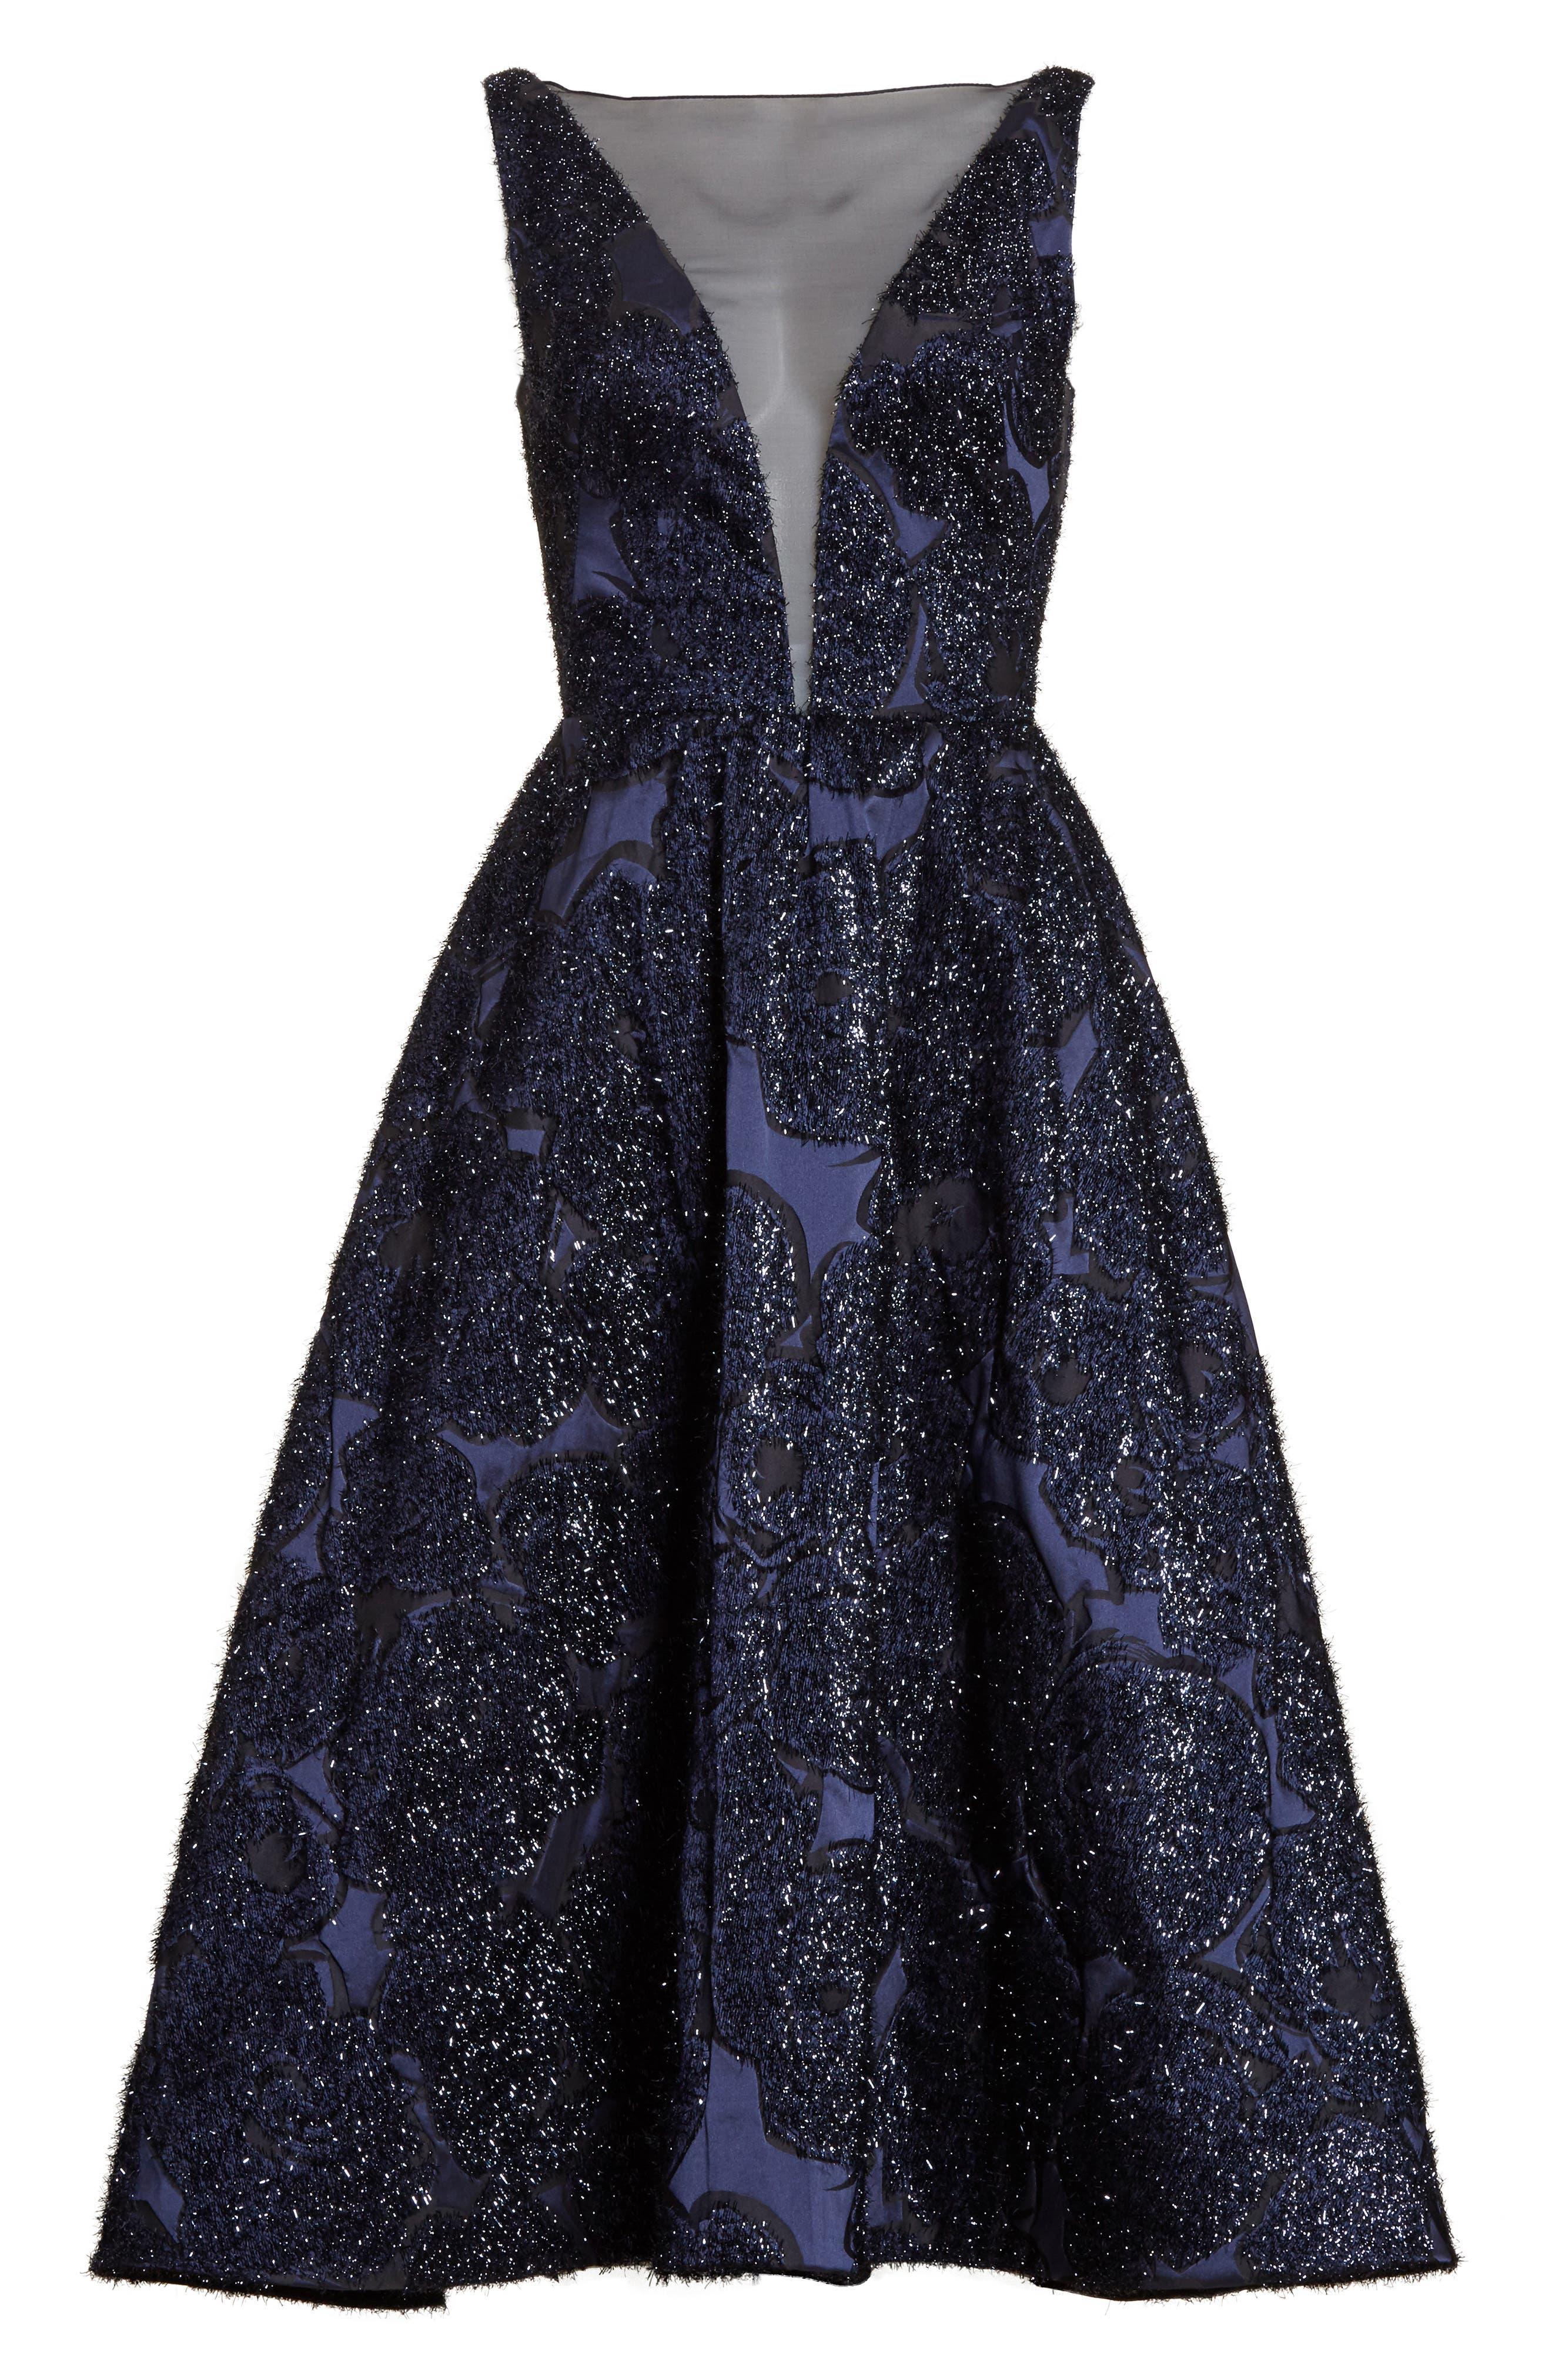 Metallic Jacquard Fit & Flare Dress,                             Alternate thumbnail 6, color,                             410